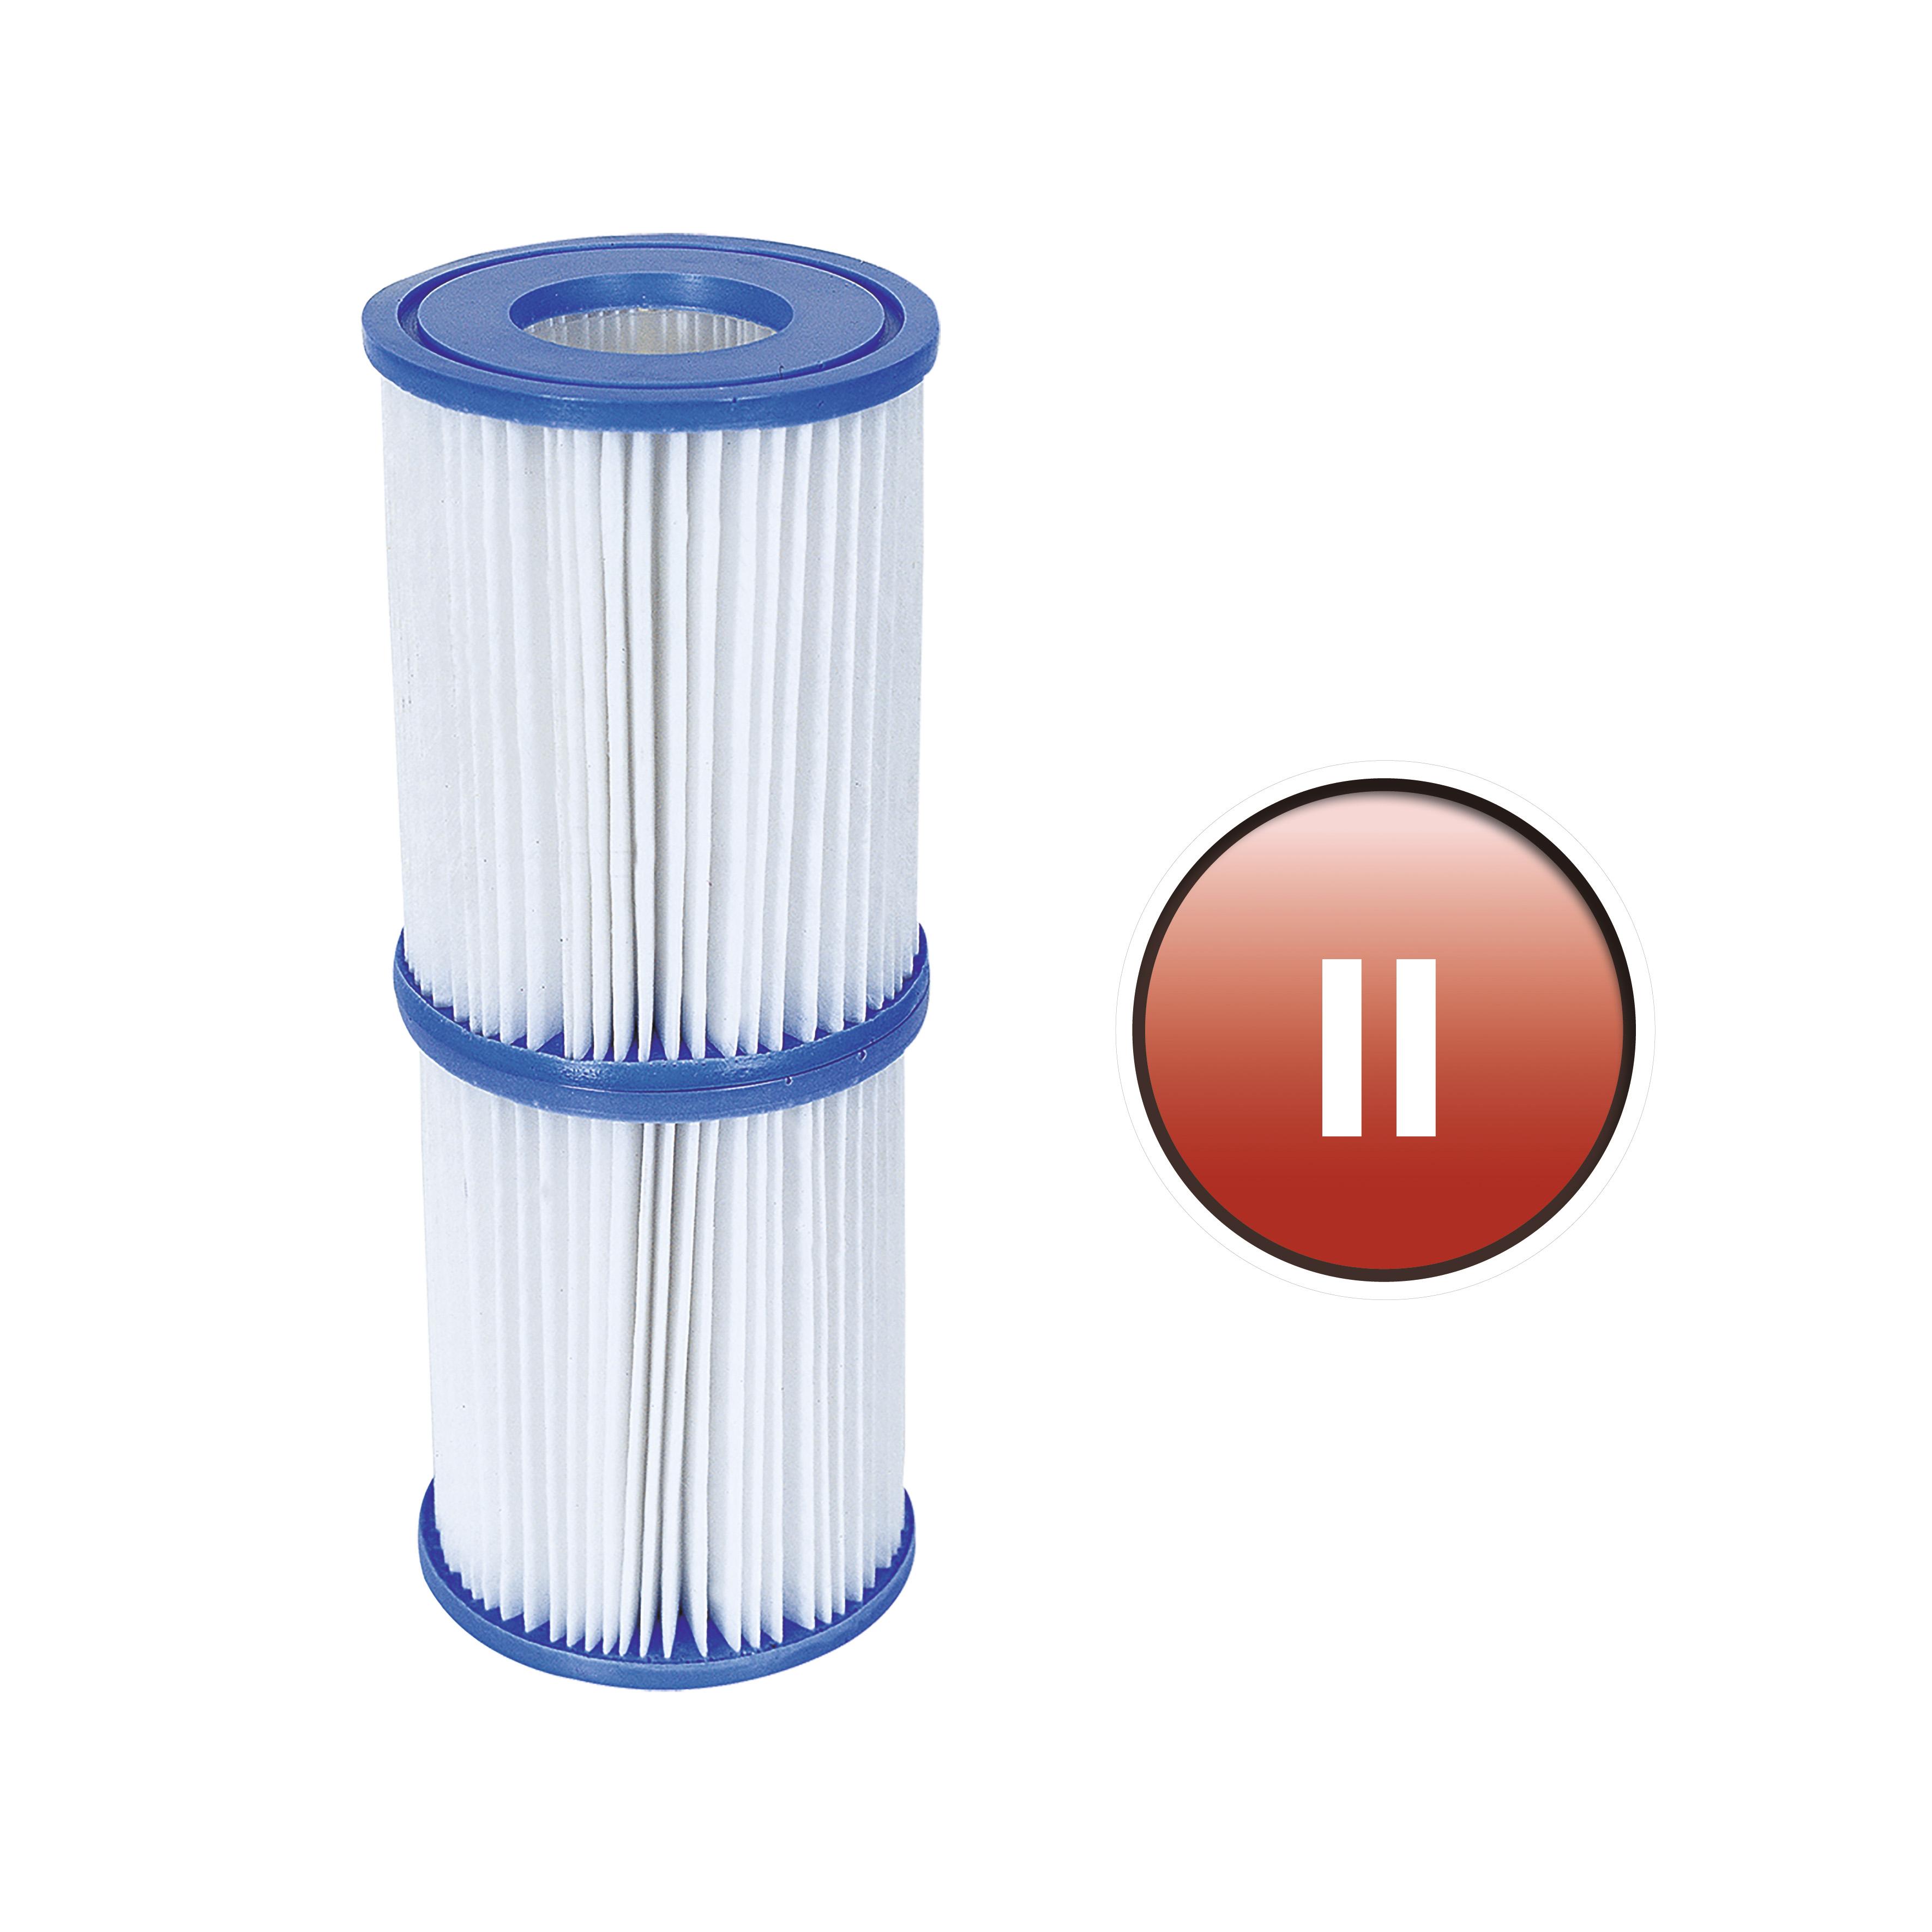 Set dos filtros cartucho para depuradora tipo ii 2006 y 3028 l/h